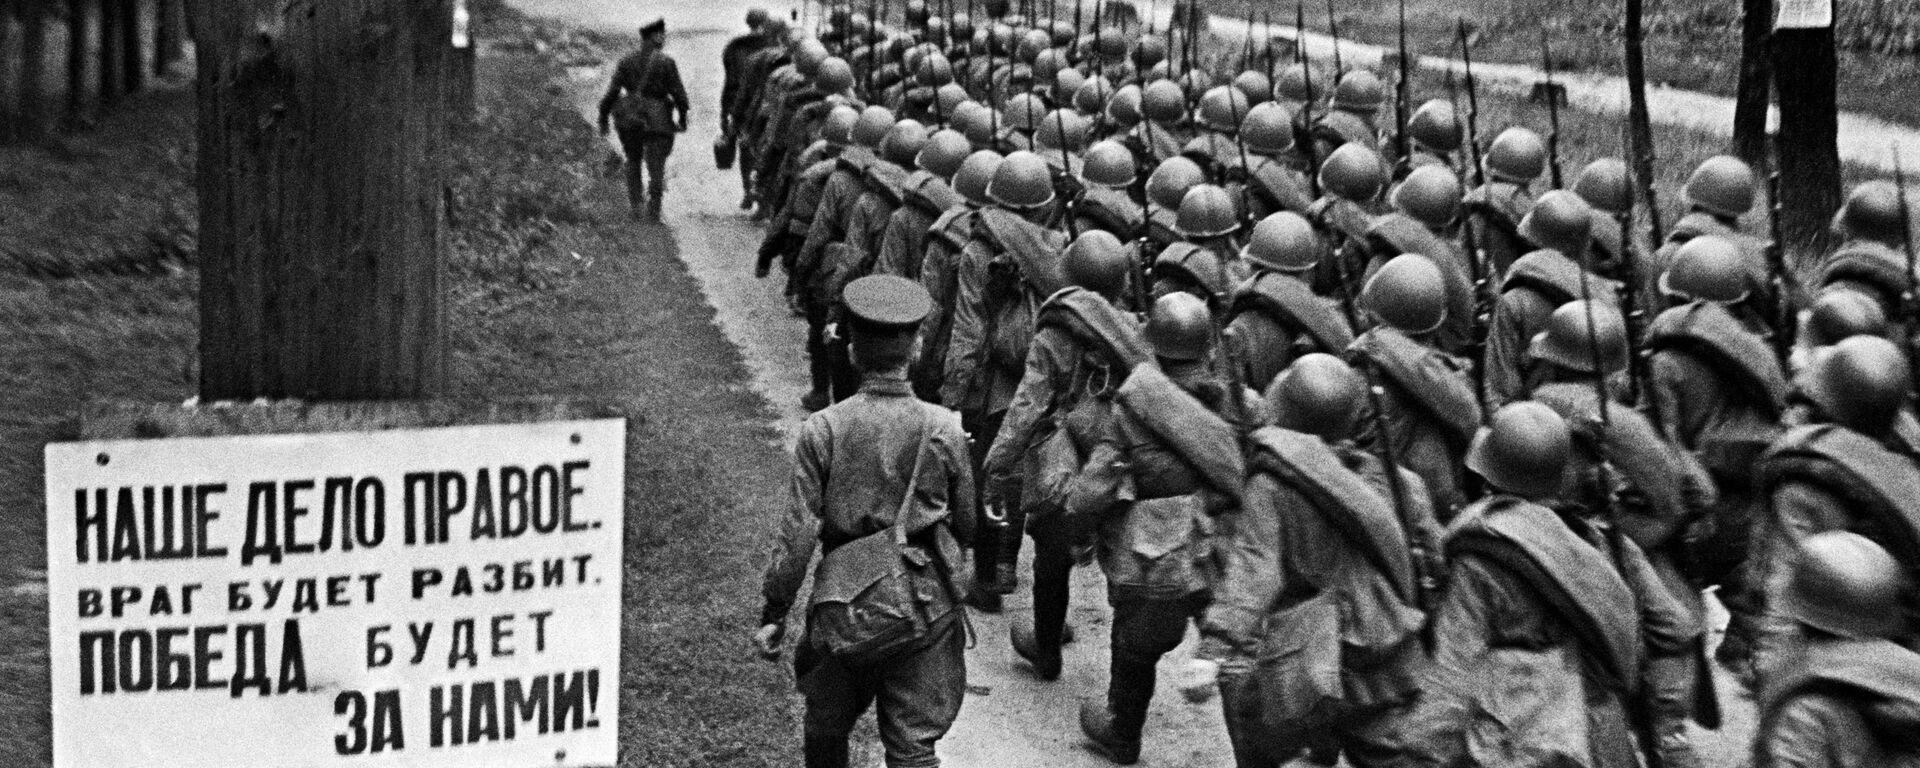 Vojáci míří na frontu, Moskva, 23. června 1941. - Sputnik Česká republika, 1920, 22.06.2021